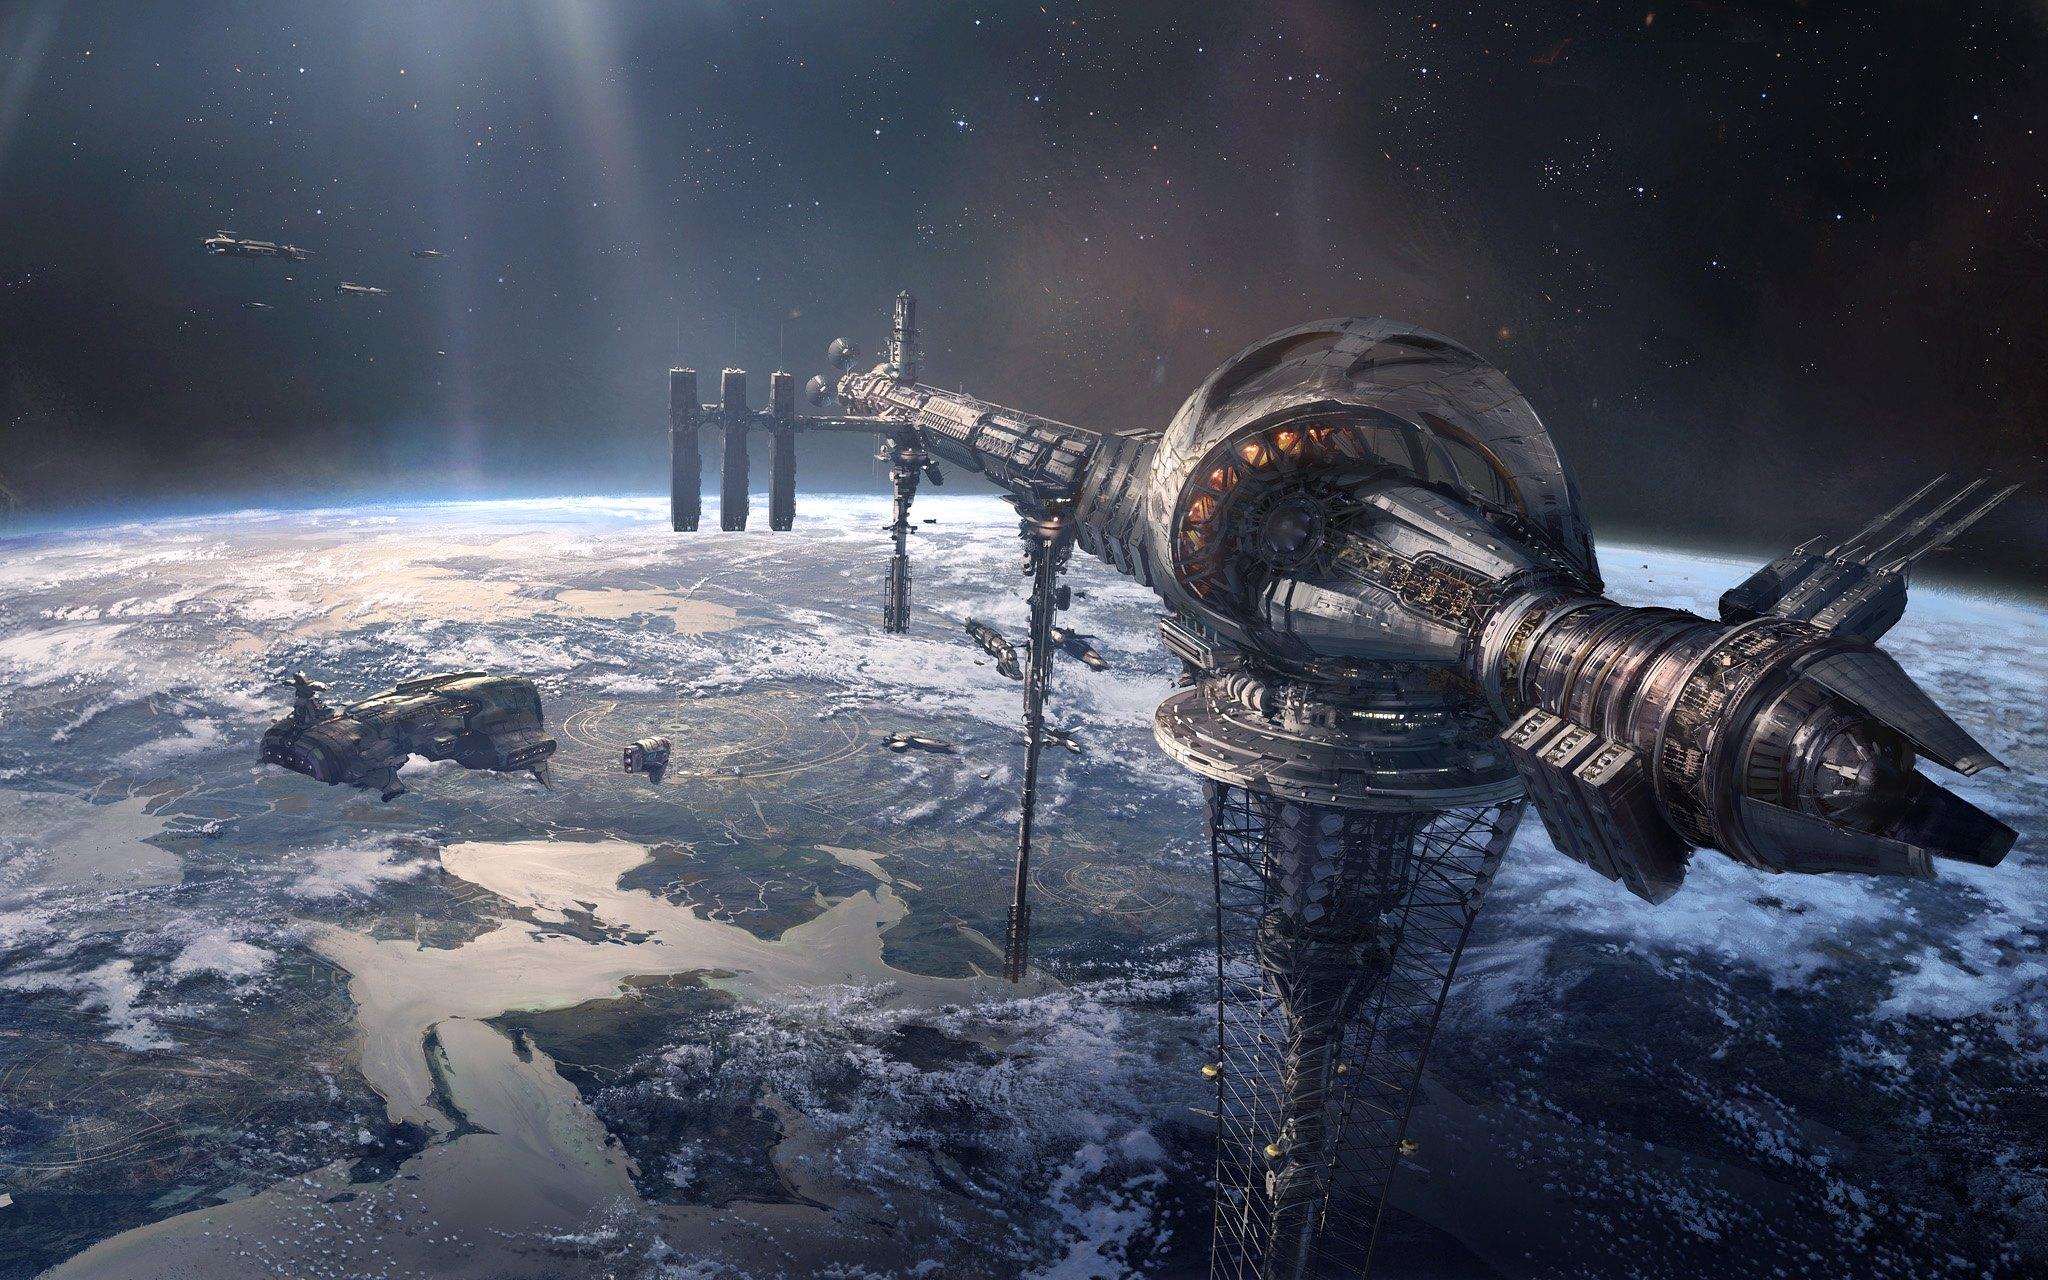 снимки онлайн с космоса